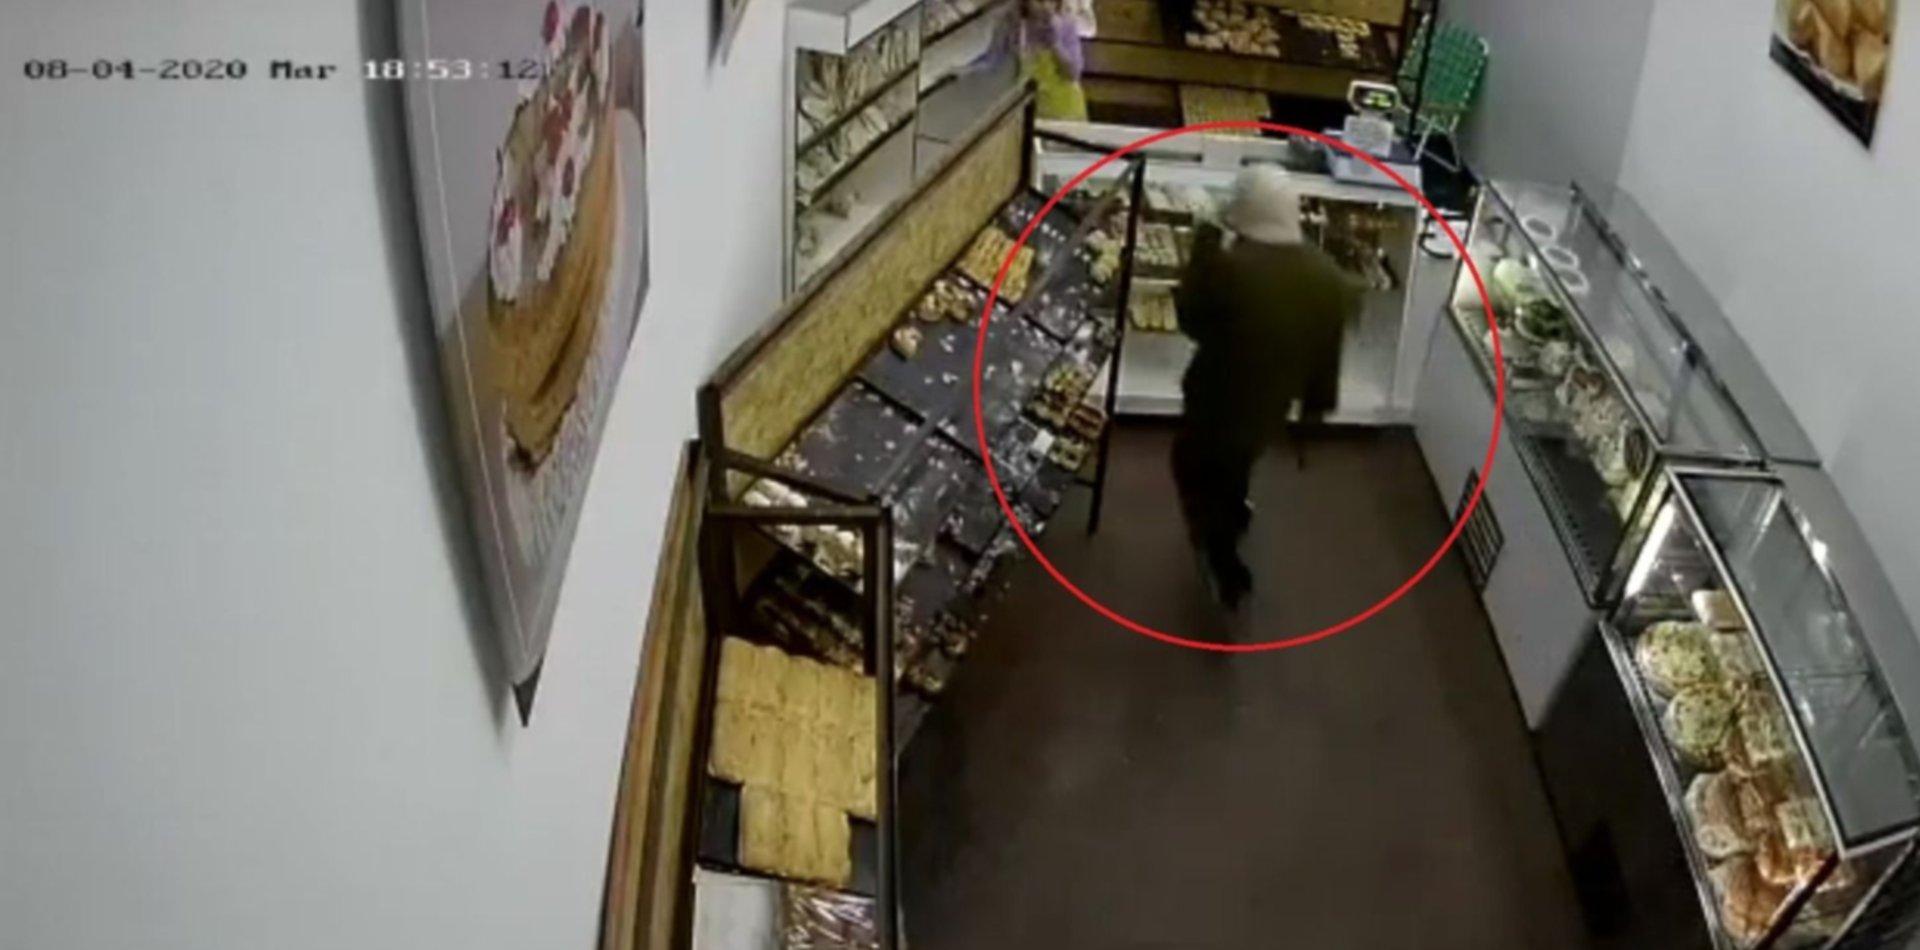 VIDEO: Un ladrón asaltó una panadería en 20 segundos y quedó registrado